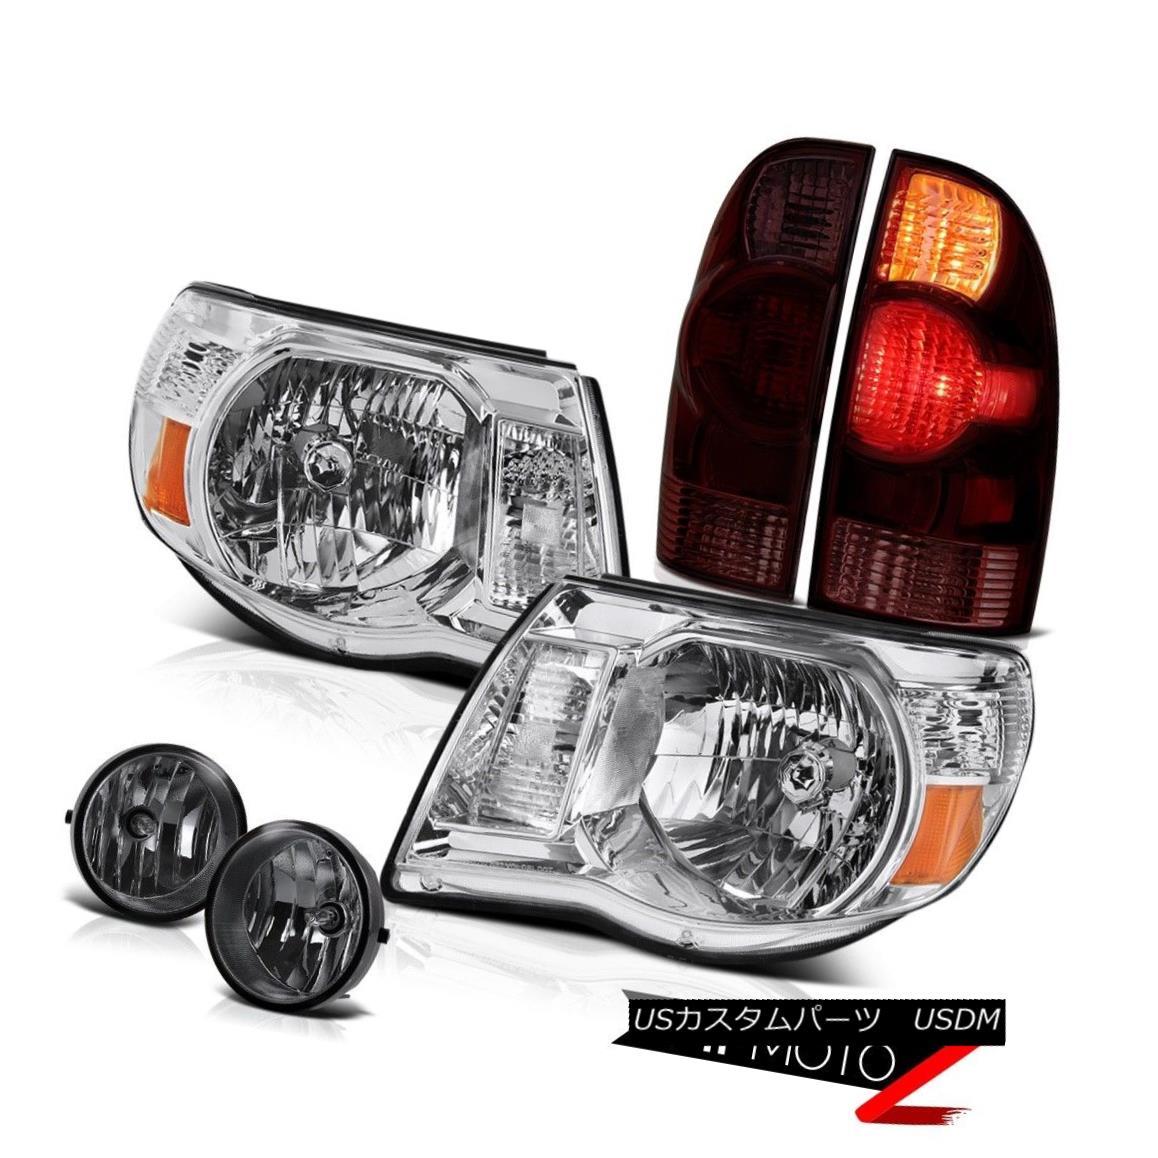 ヘッドライト 05-11 Toyota Tacoma 4X4 Graphite smoke taillamps euro chrome headlamps fog lamps 05-11トヨタタコマ4X4グラファイト煙テールランプユーロクロームヘッドランプフォグランプ